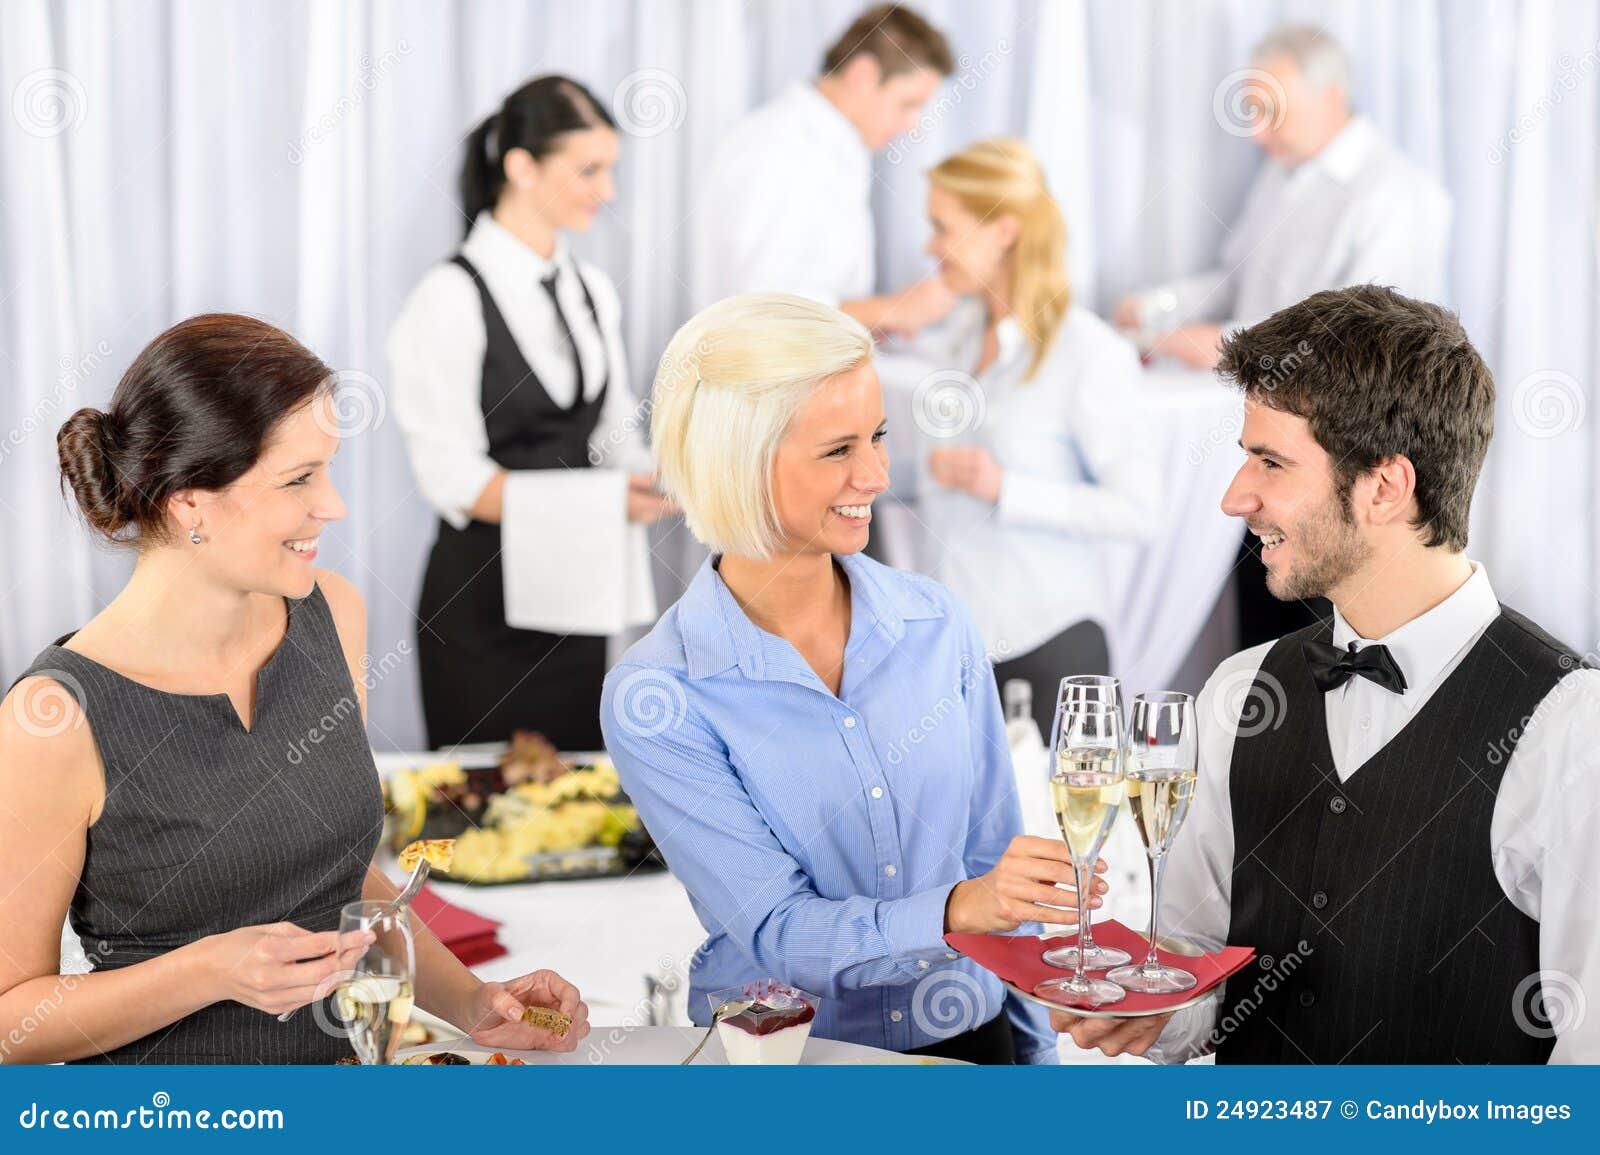 Фото бизнес леди с дипломатом 2 фотография